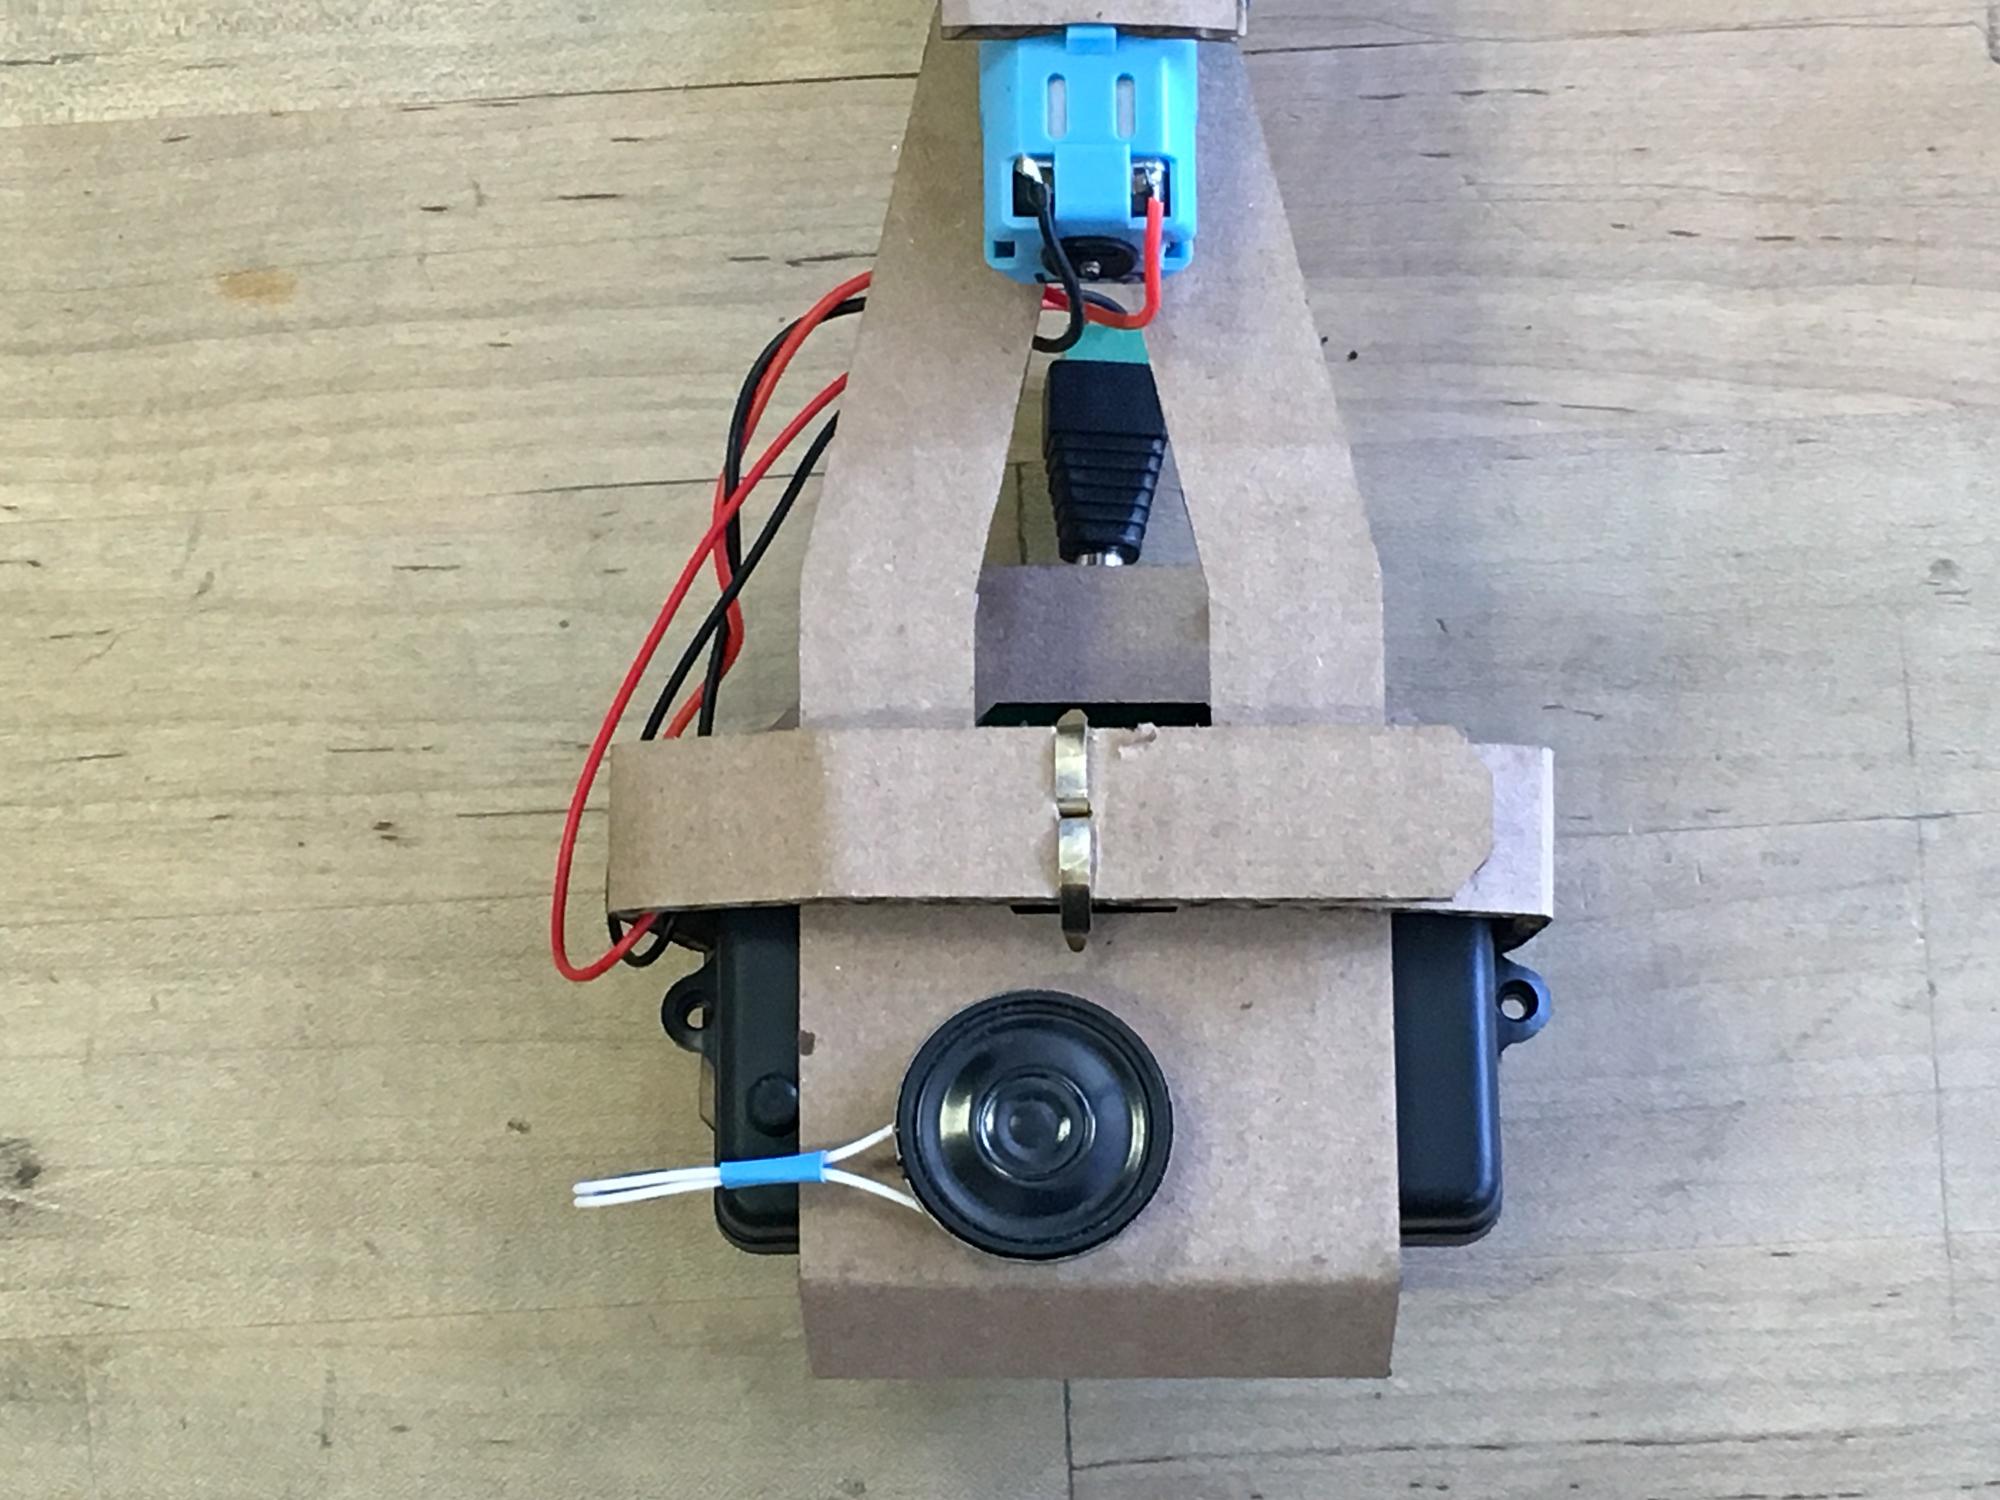 robotics___cnc_uni_bot_0105_2k.jpg